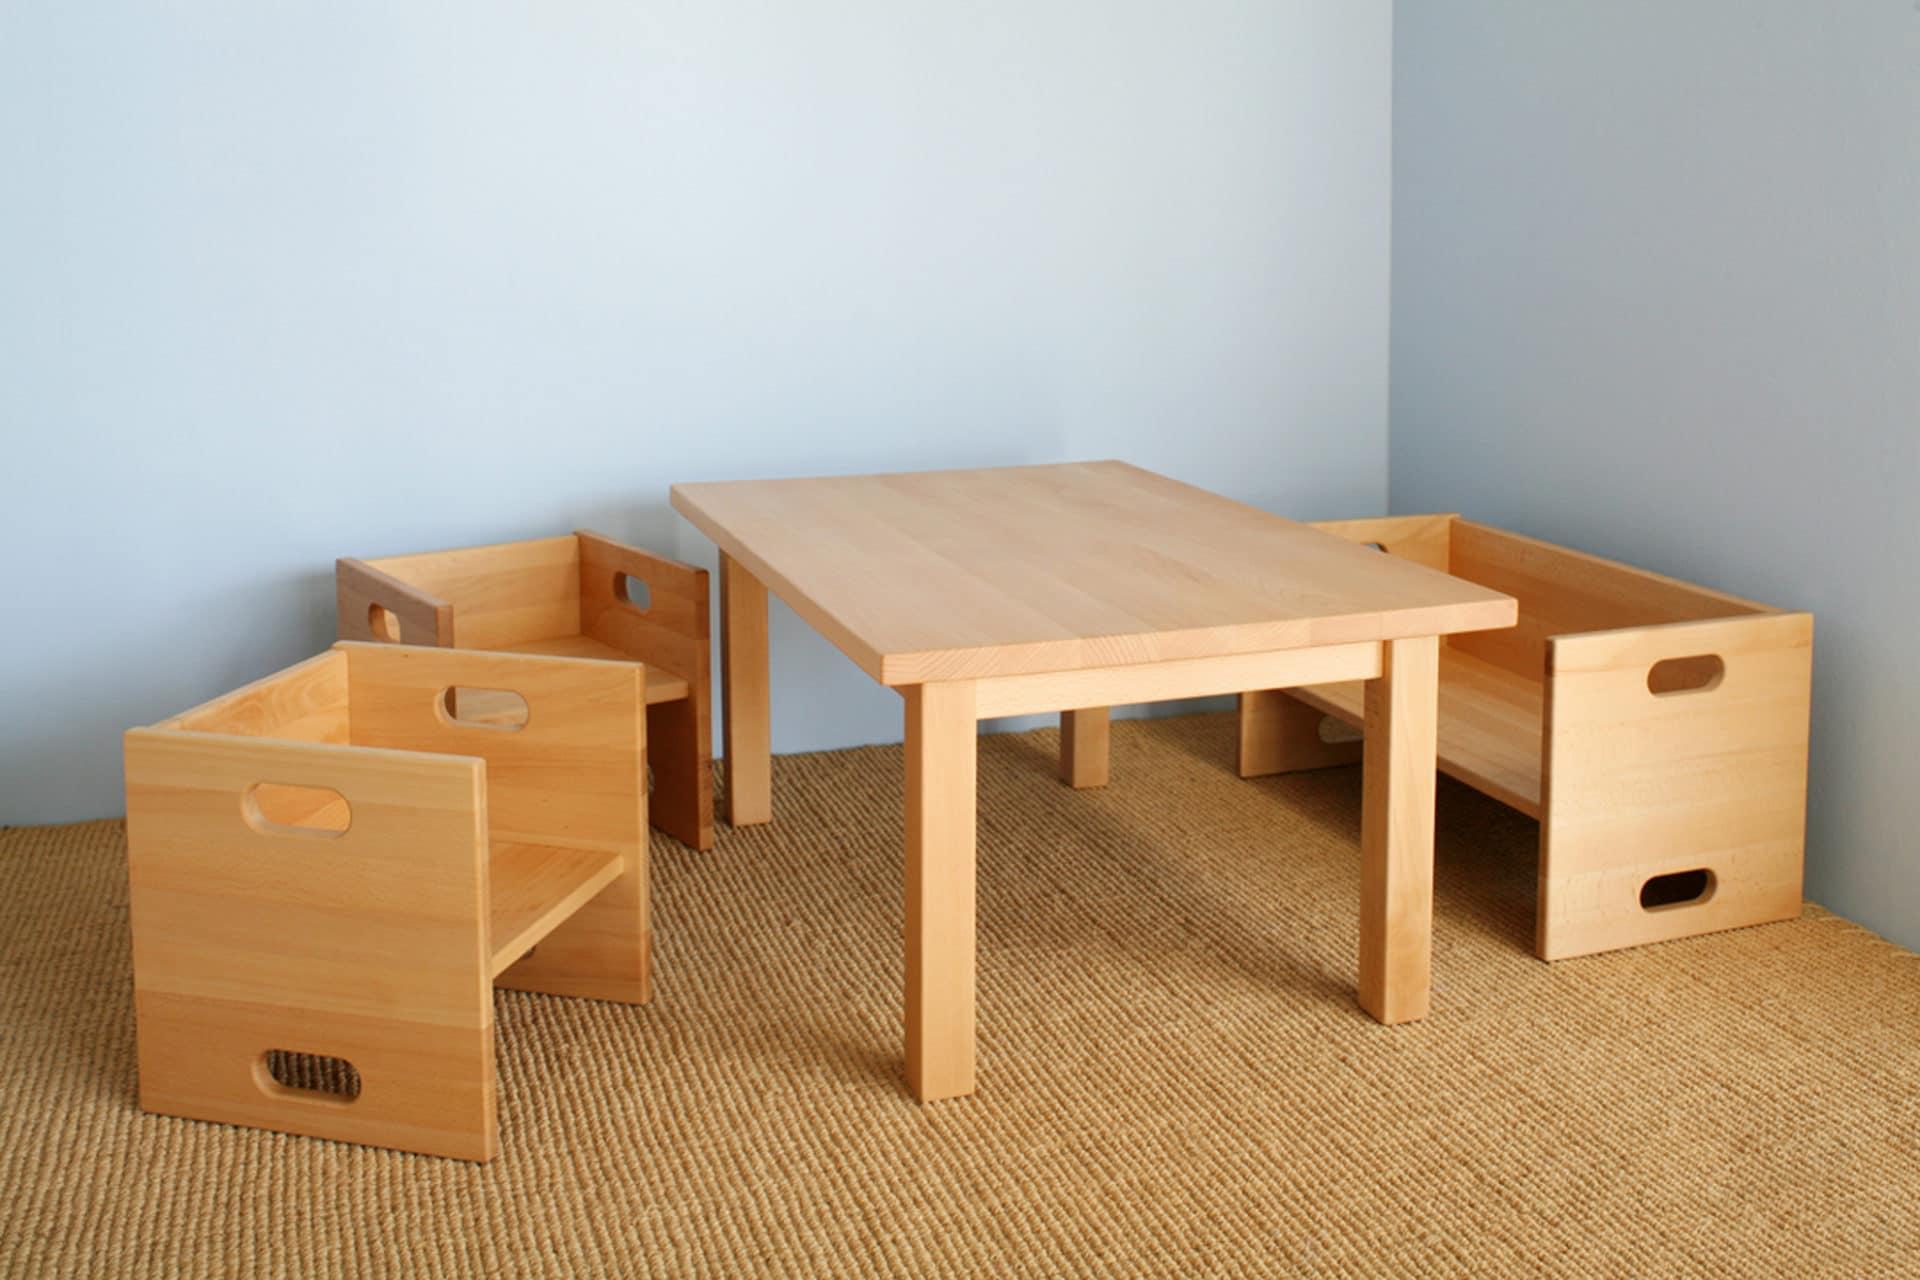 sitzgruppe kinder interesting sitzgruppe fur kinder bank sitzgruppe fur with sitzgruppe kinder. Black Bedroom Furniture Sets. Home Design Ideas